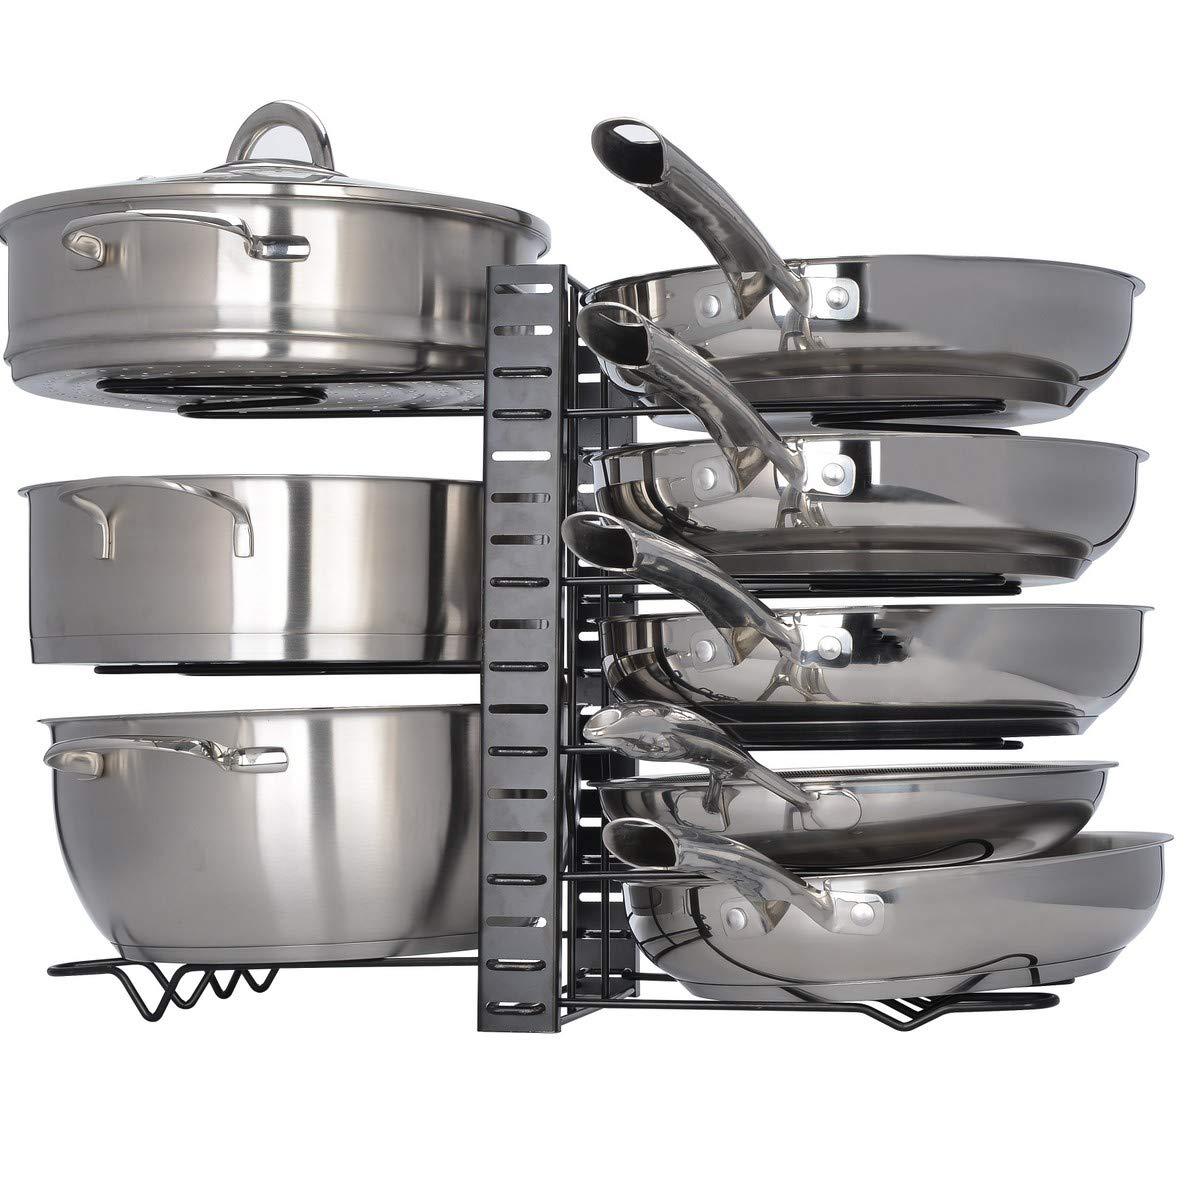 Mecete Pot Rack Organizer, 3 DIY Methods, Height and Position are Adjustable 8+ Pots Holder, Black Metal Kitchen Cabinet Pantry Pot Lid Holder